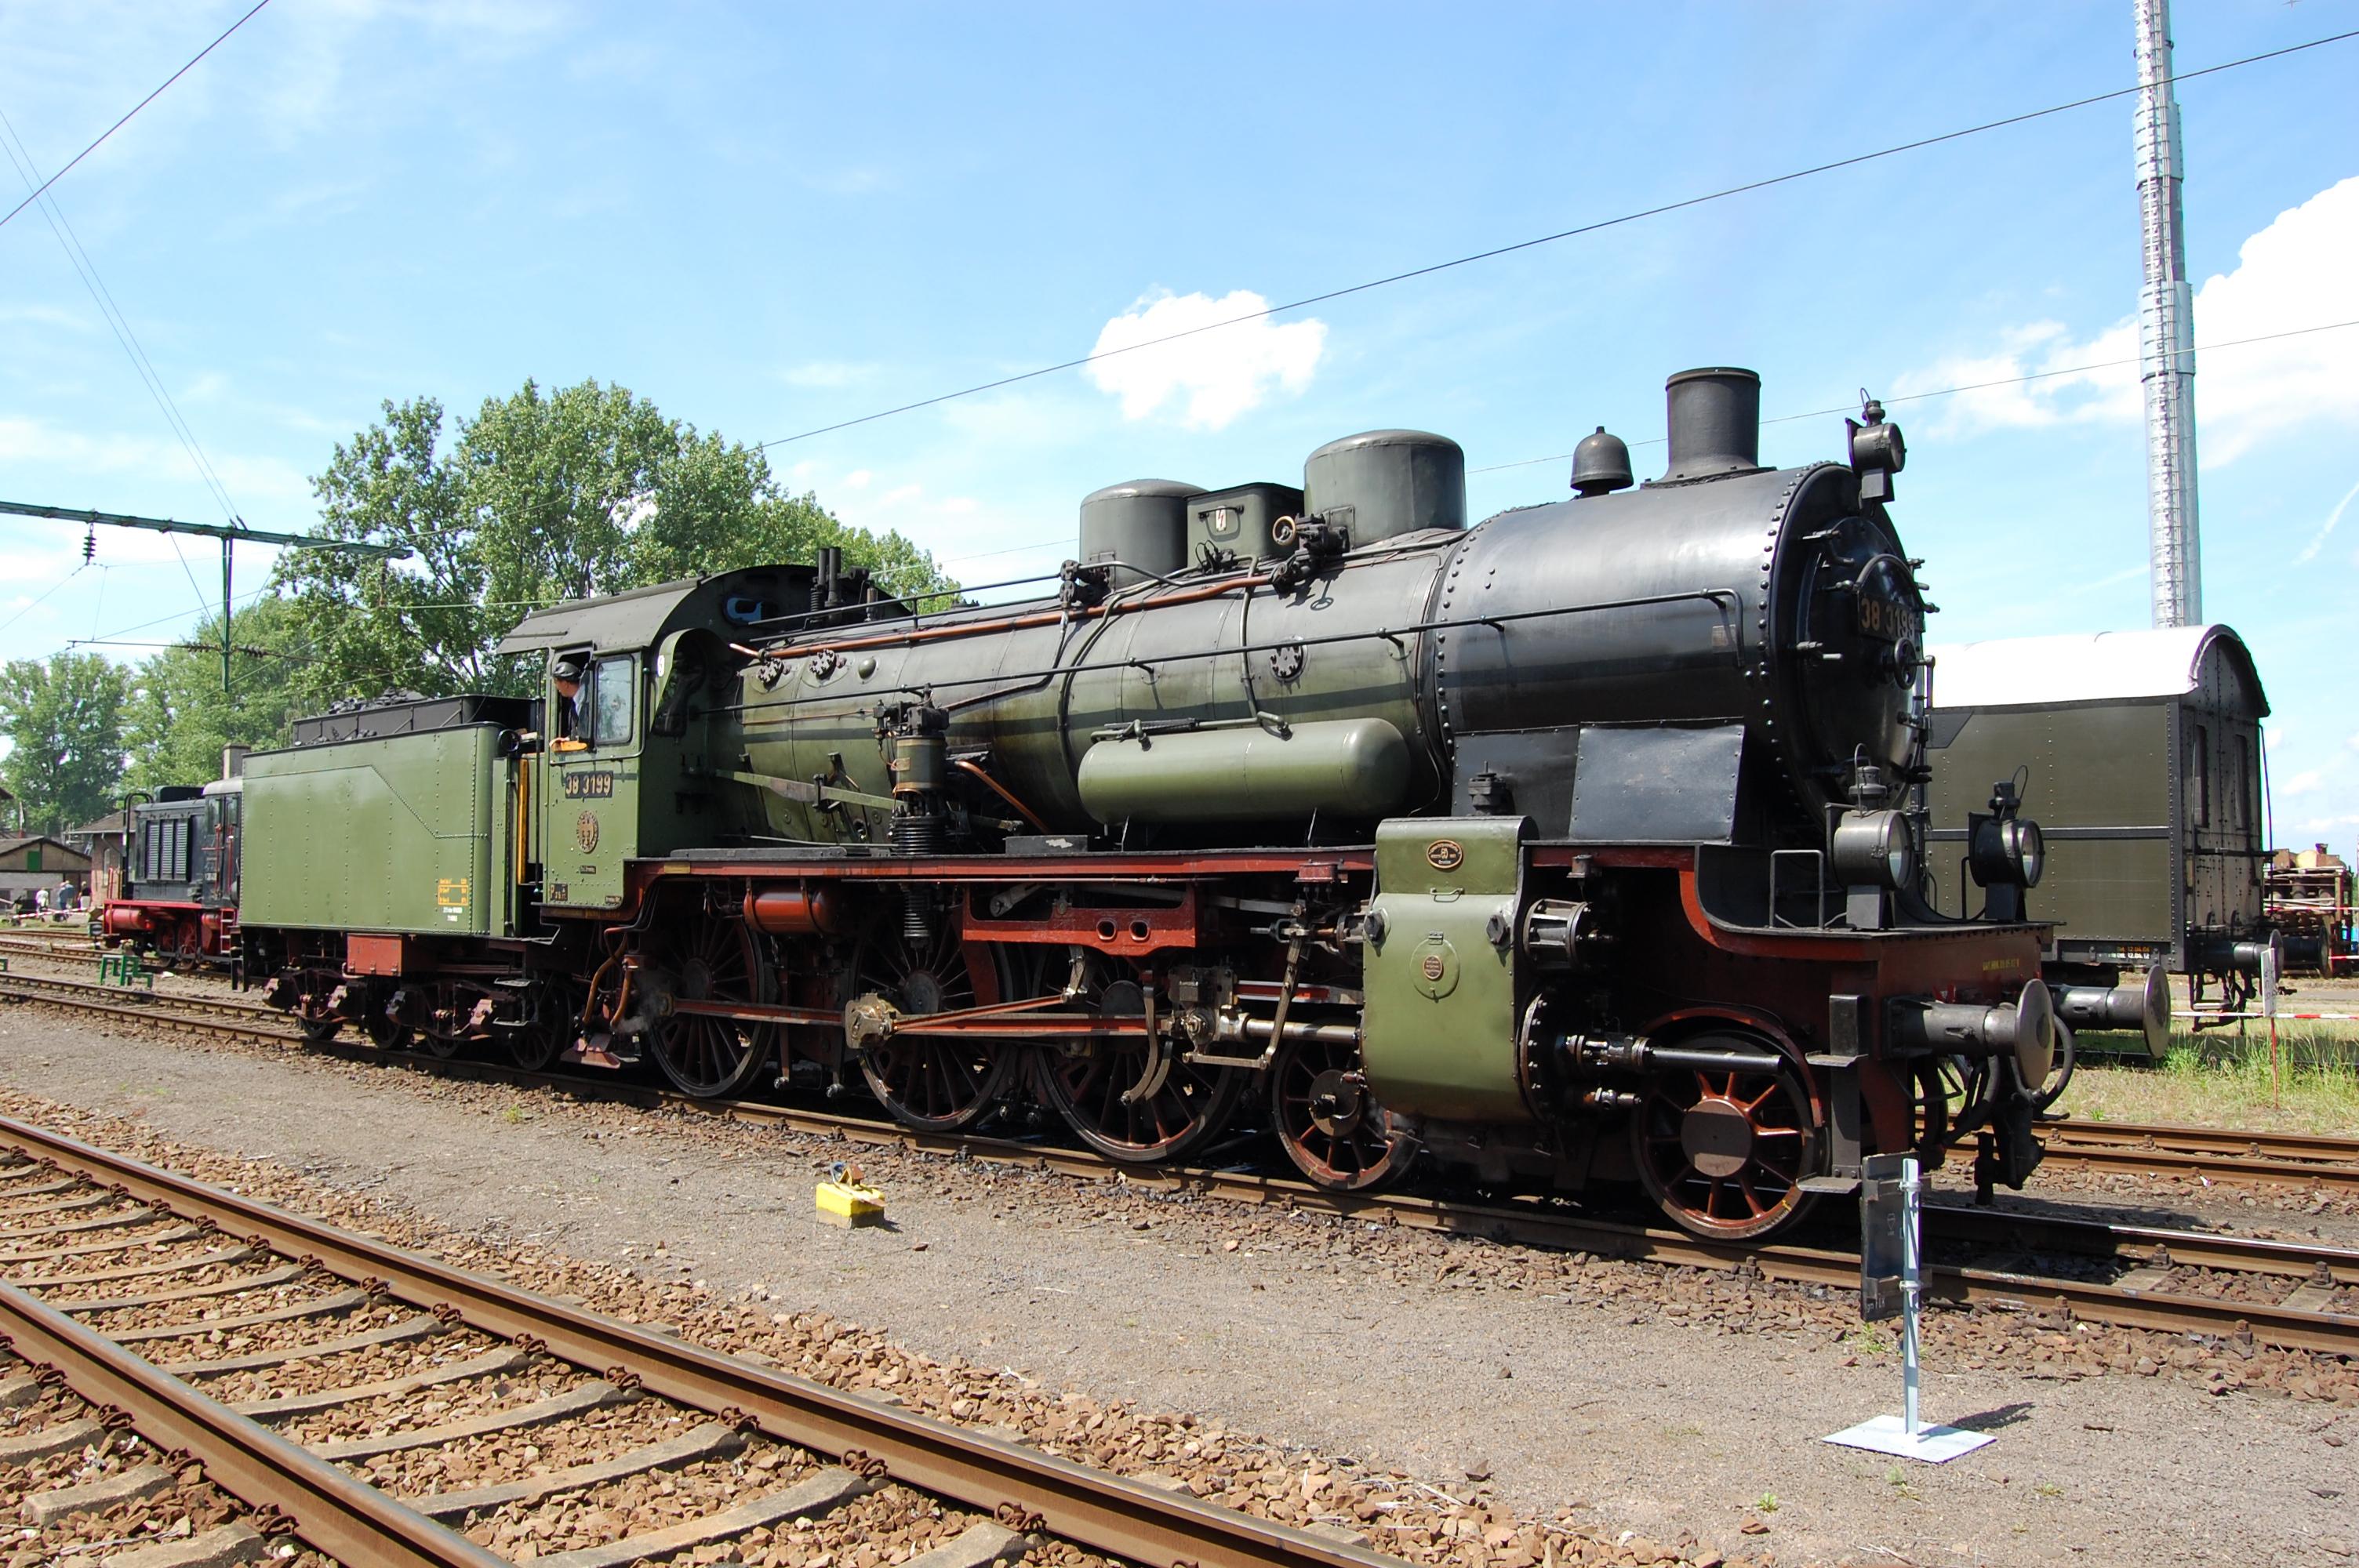 tren depot vs tren acetate